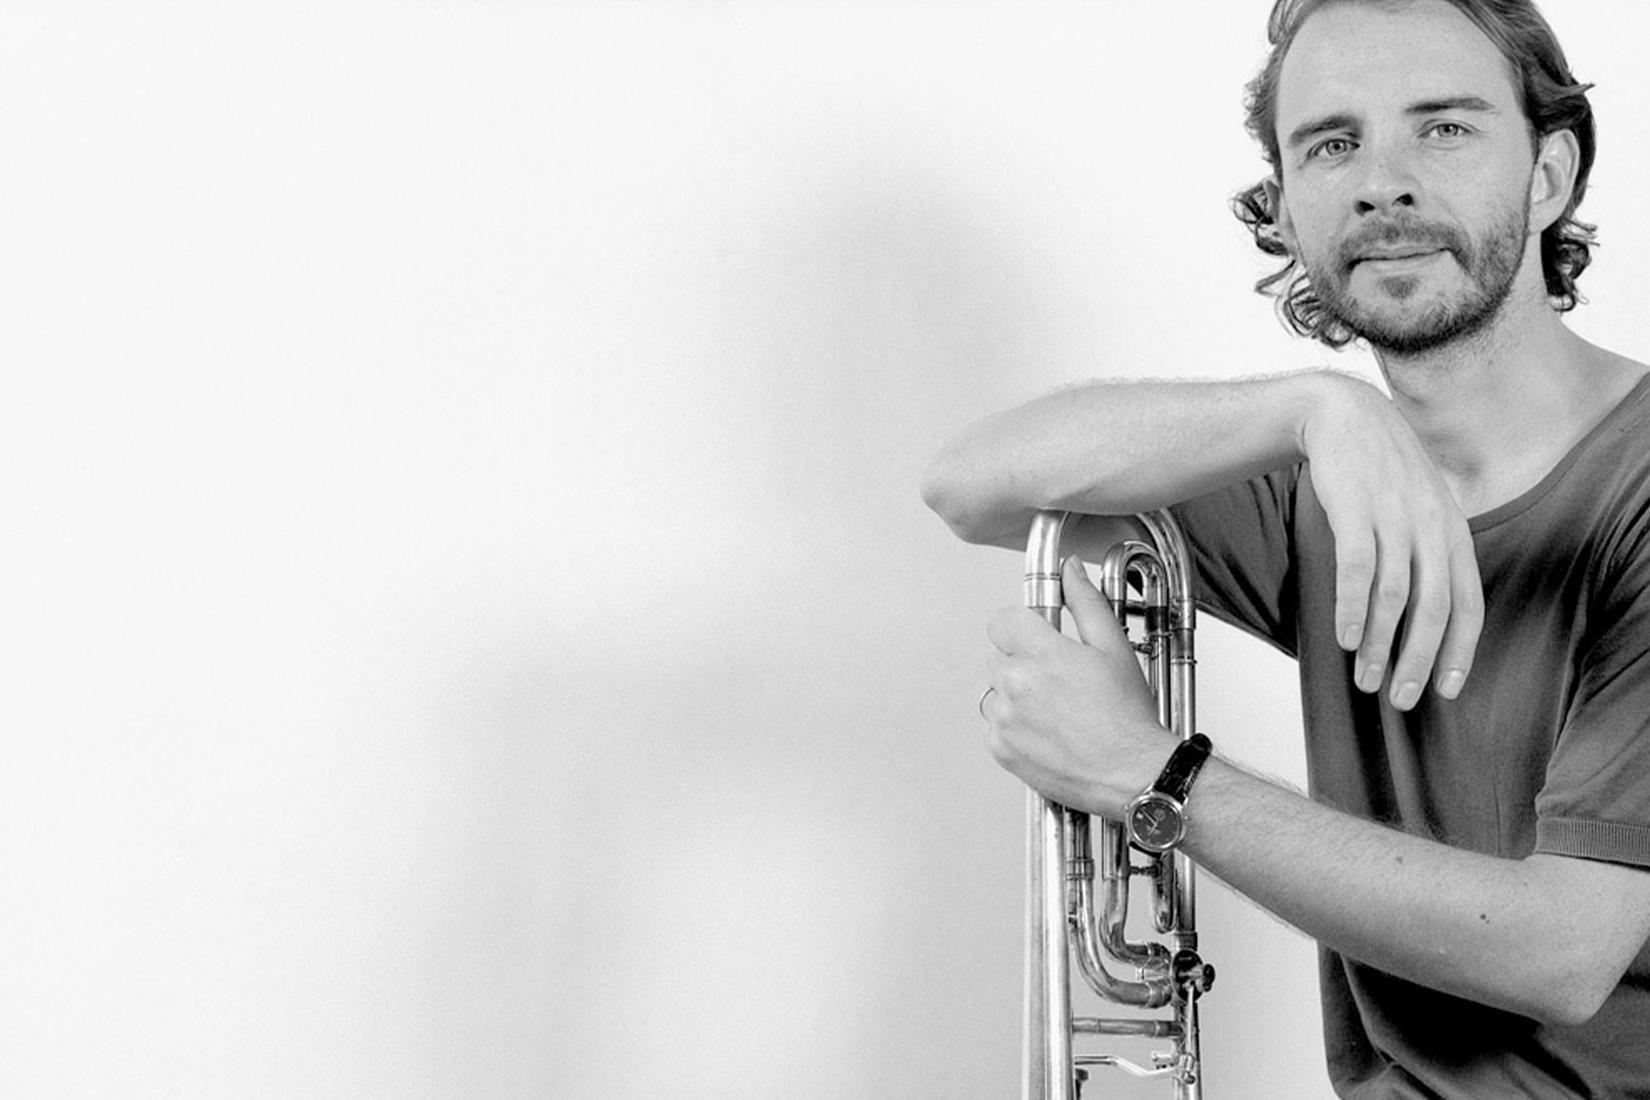 Le tromboniste Ivo Nilsson avec son instrument